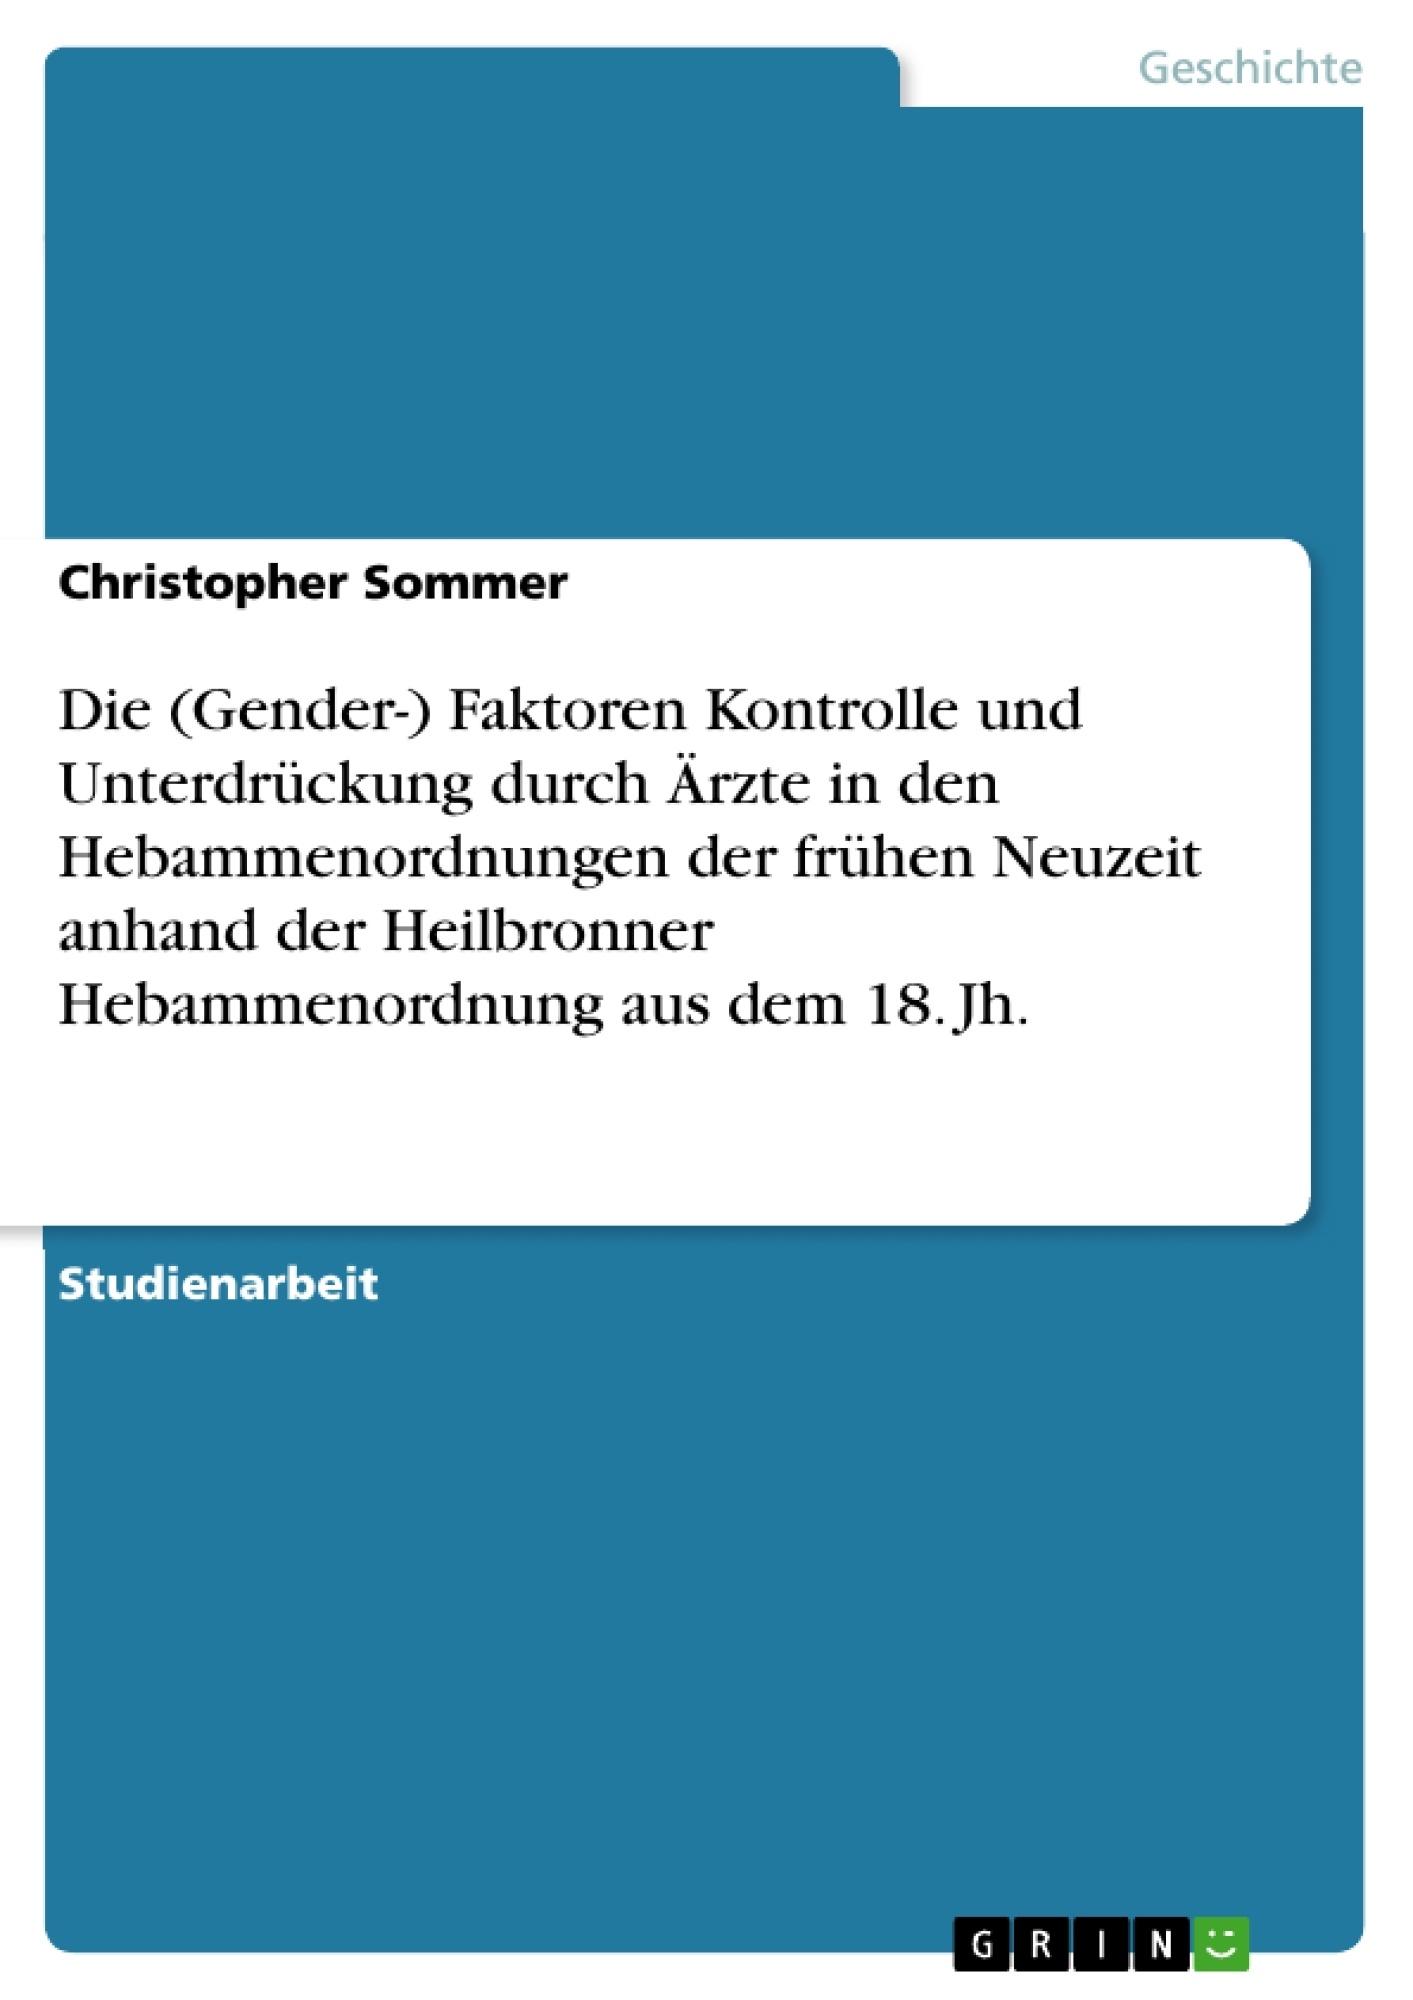 Titel: Die (Gender-) Faktoren Kontrolle und Unterdrückung durch Ärzte in den Hebammenordnungen der frühen Neuzeit anhand der Heilbronner Hebammenordnung aus dem 18. Jh.